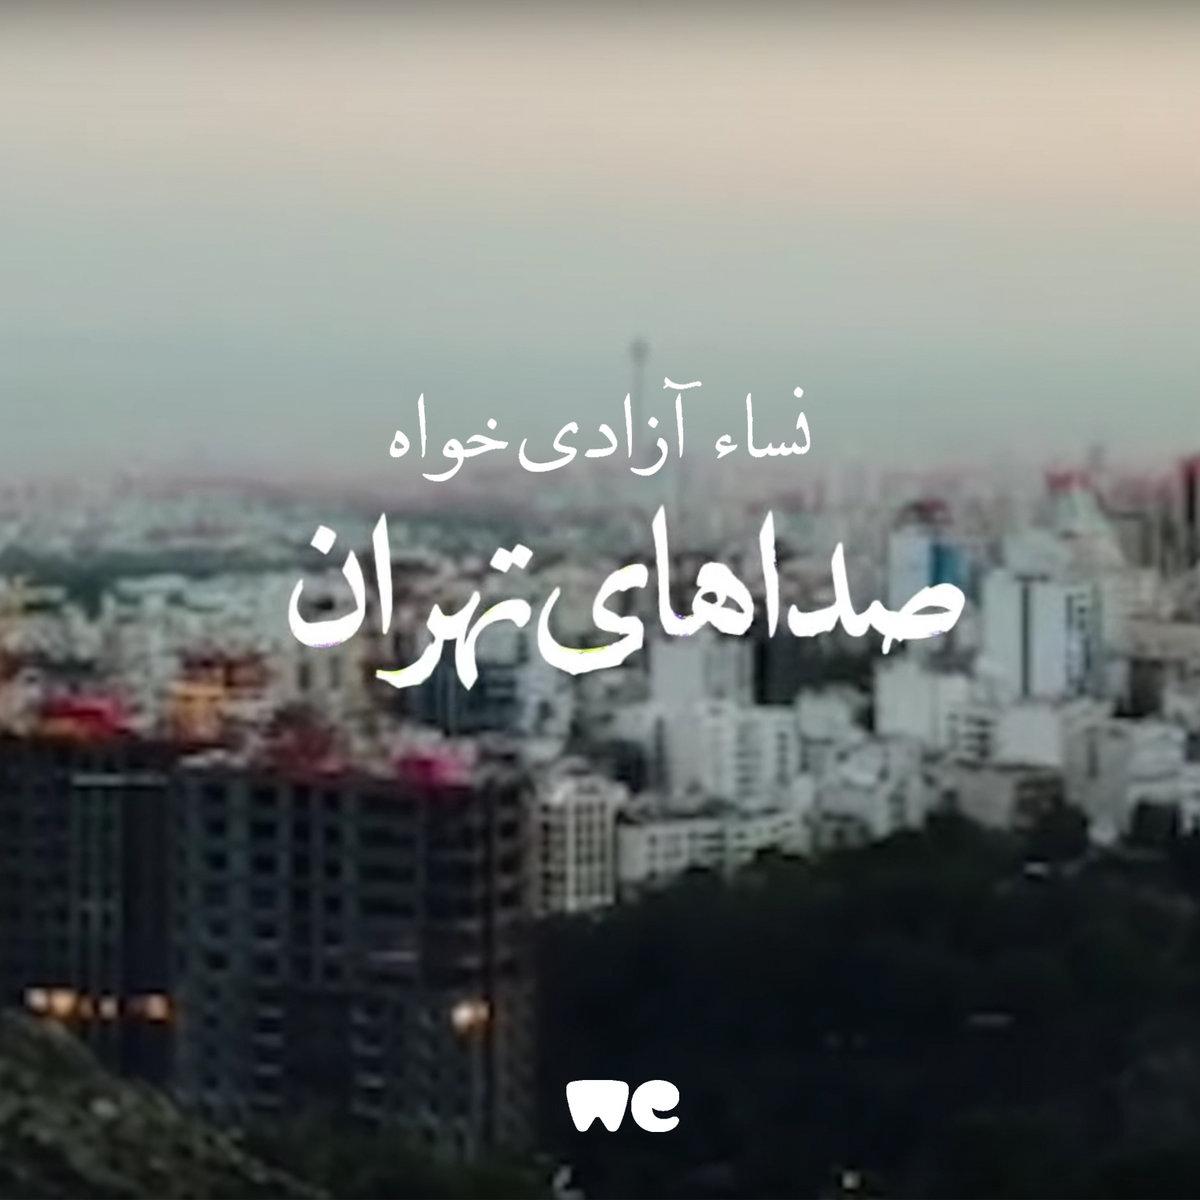 Nesa - Sounds Of Tehran (WeTransfer Present) | Nesa Azadikhah